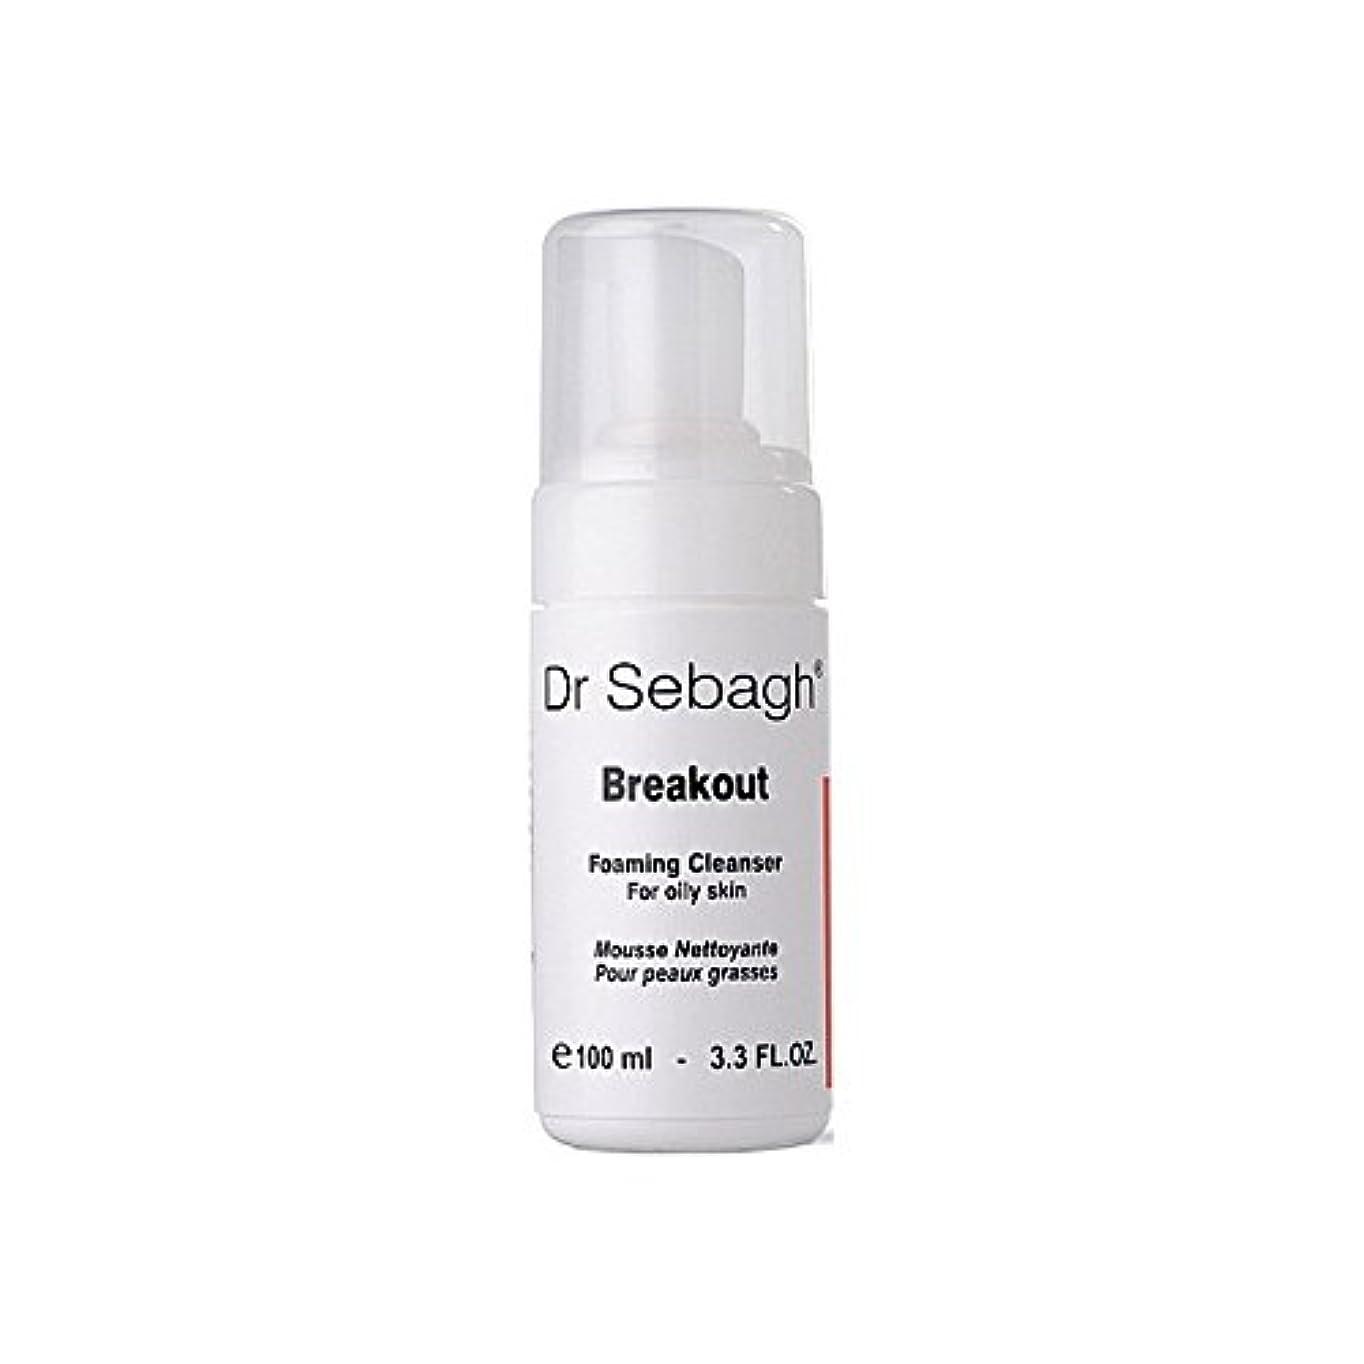 床を掃除するダウン塗抹クレンザーを発泡の のブレイクアウト x4 - Dr Sebagh Breakout Foaming Cleanser (Pack of 4) [並行輸入品]